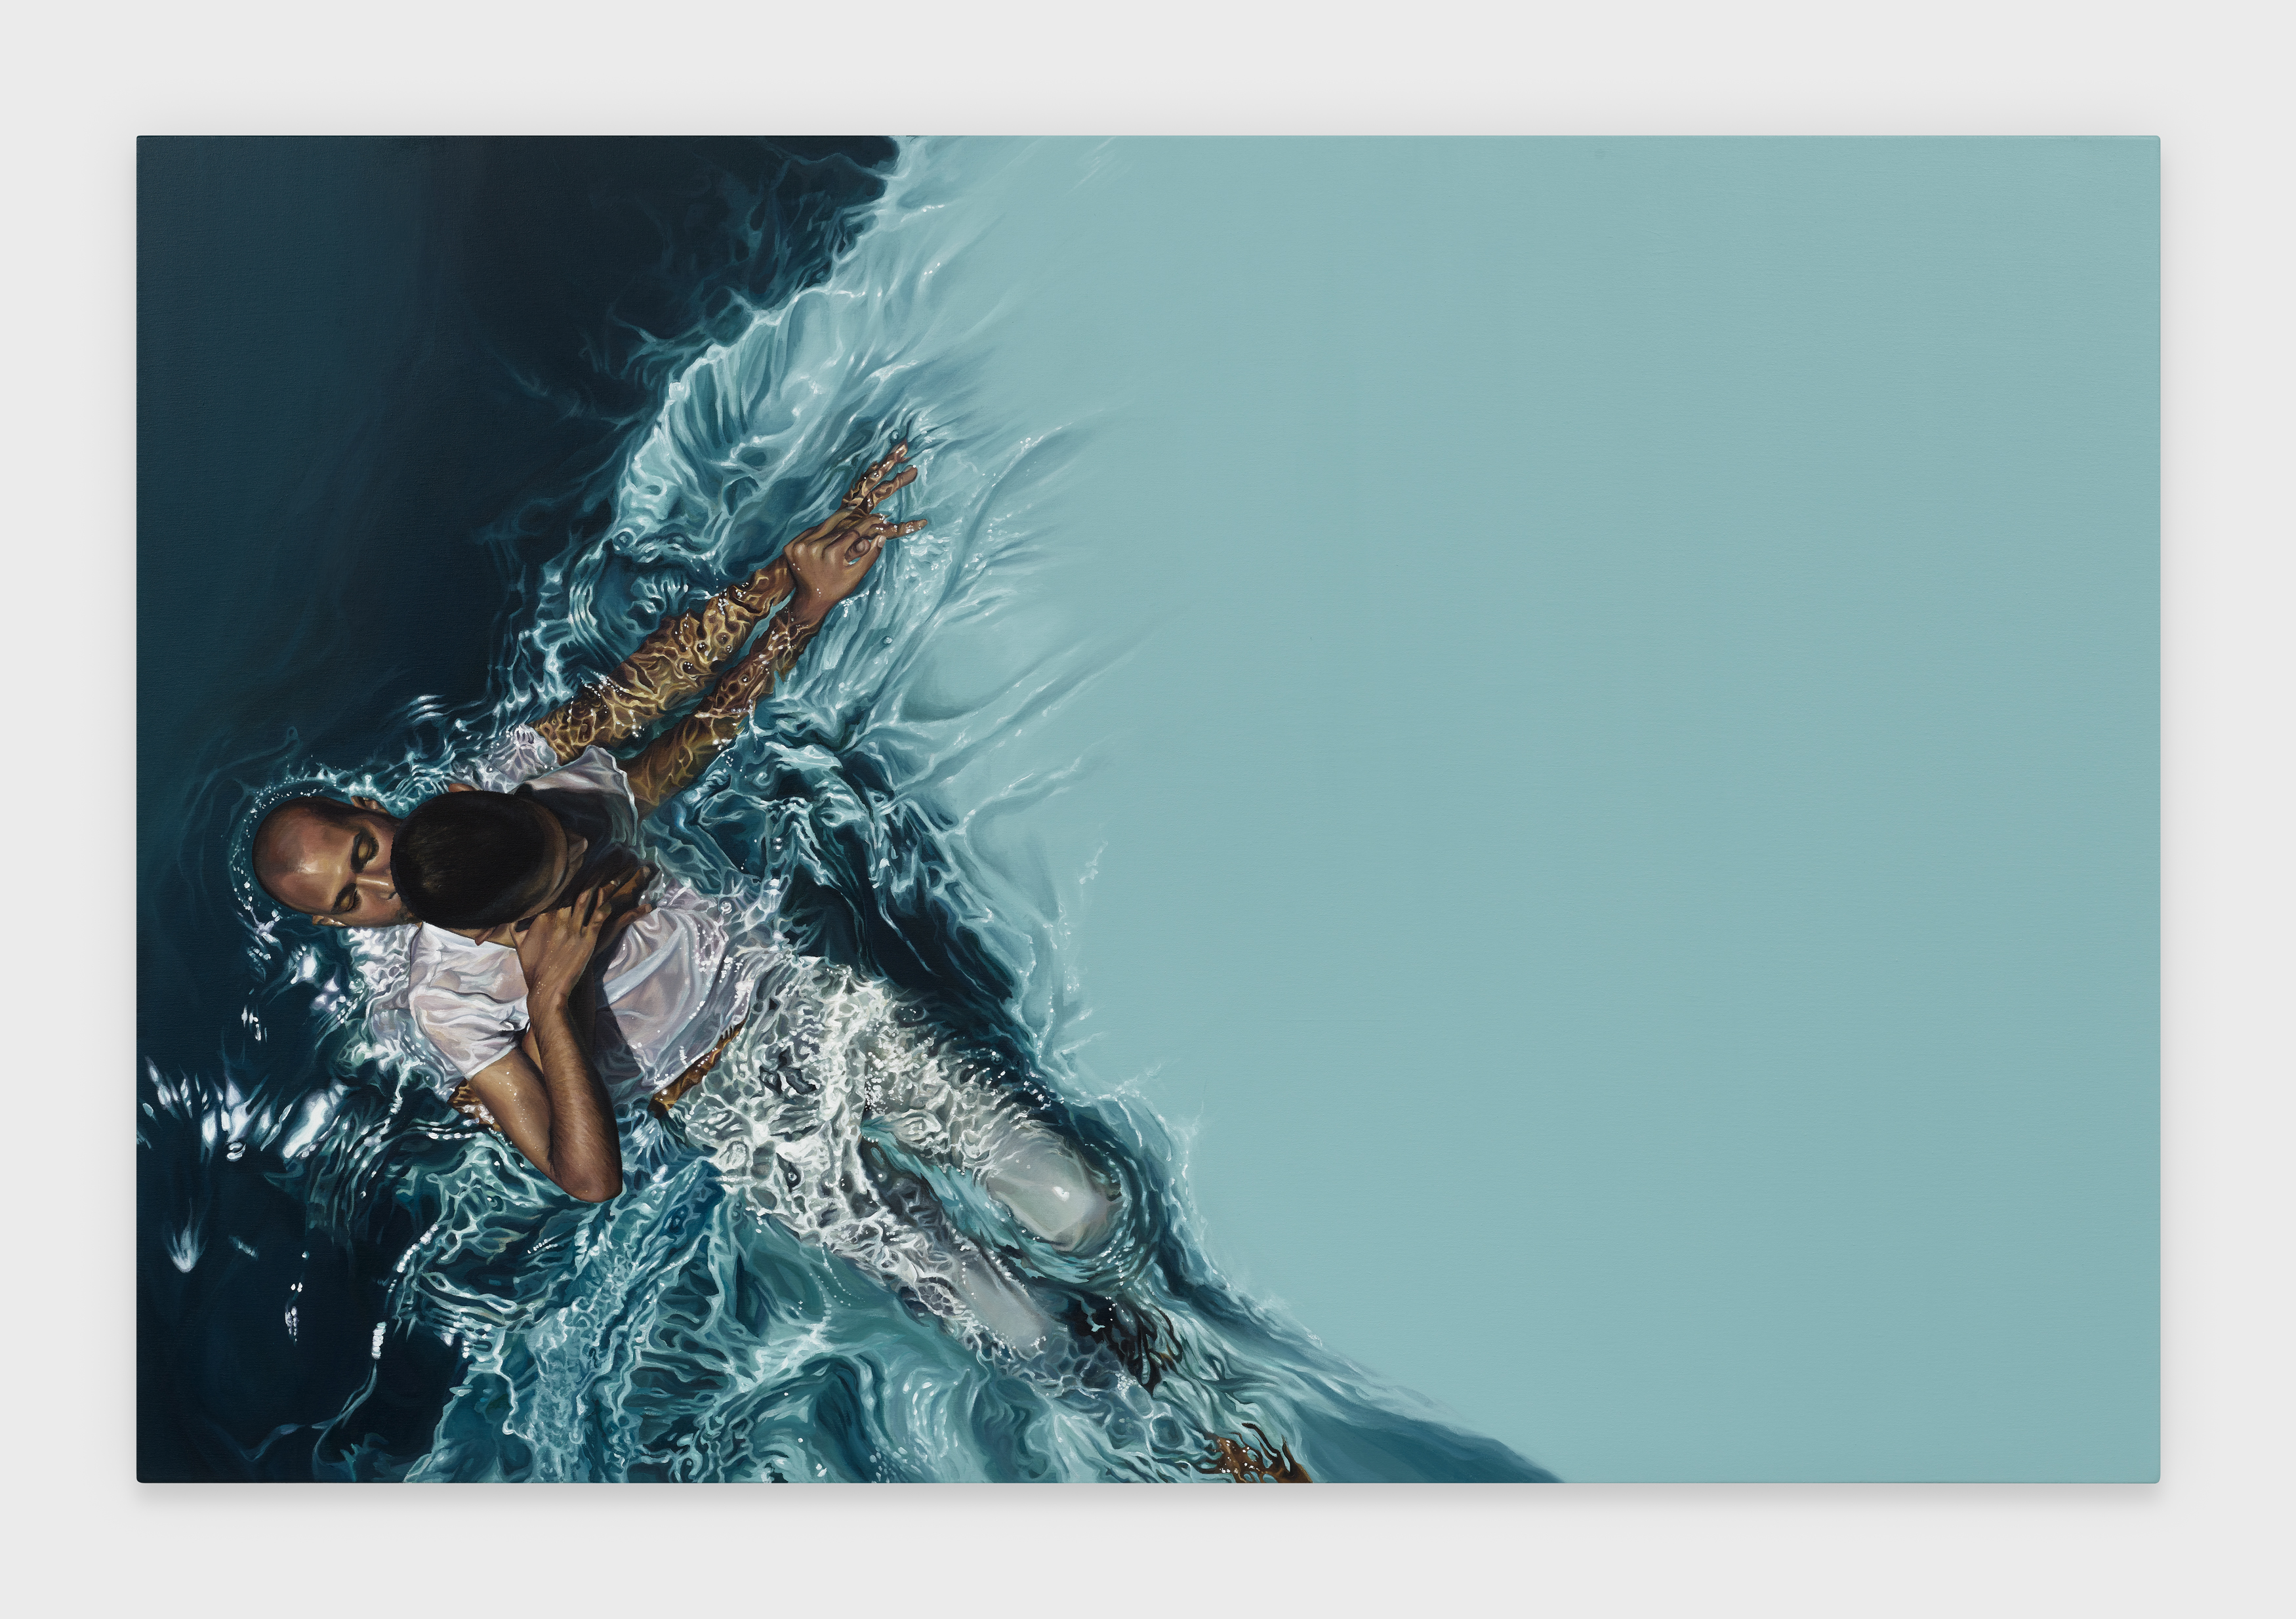 Calida Rawles's Paintings of Water Push